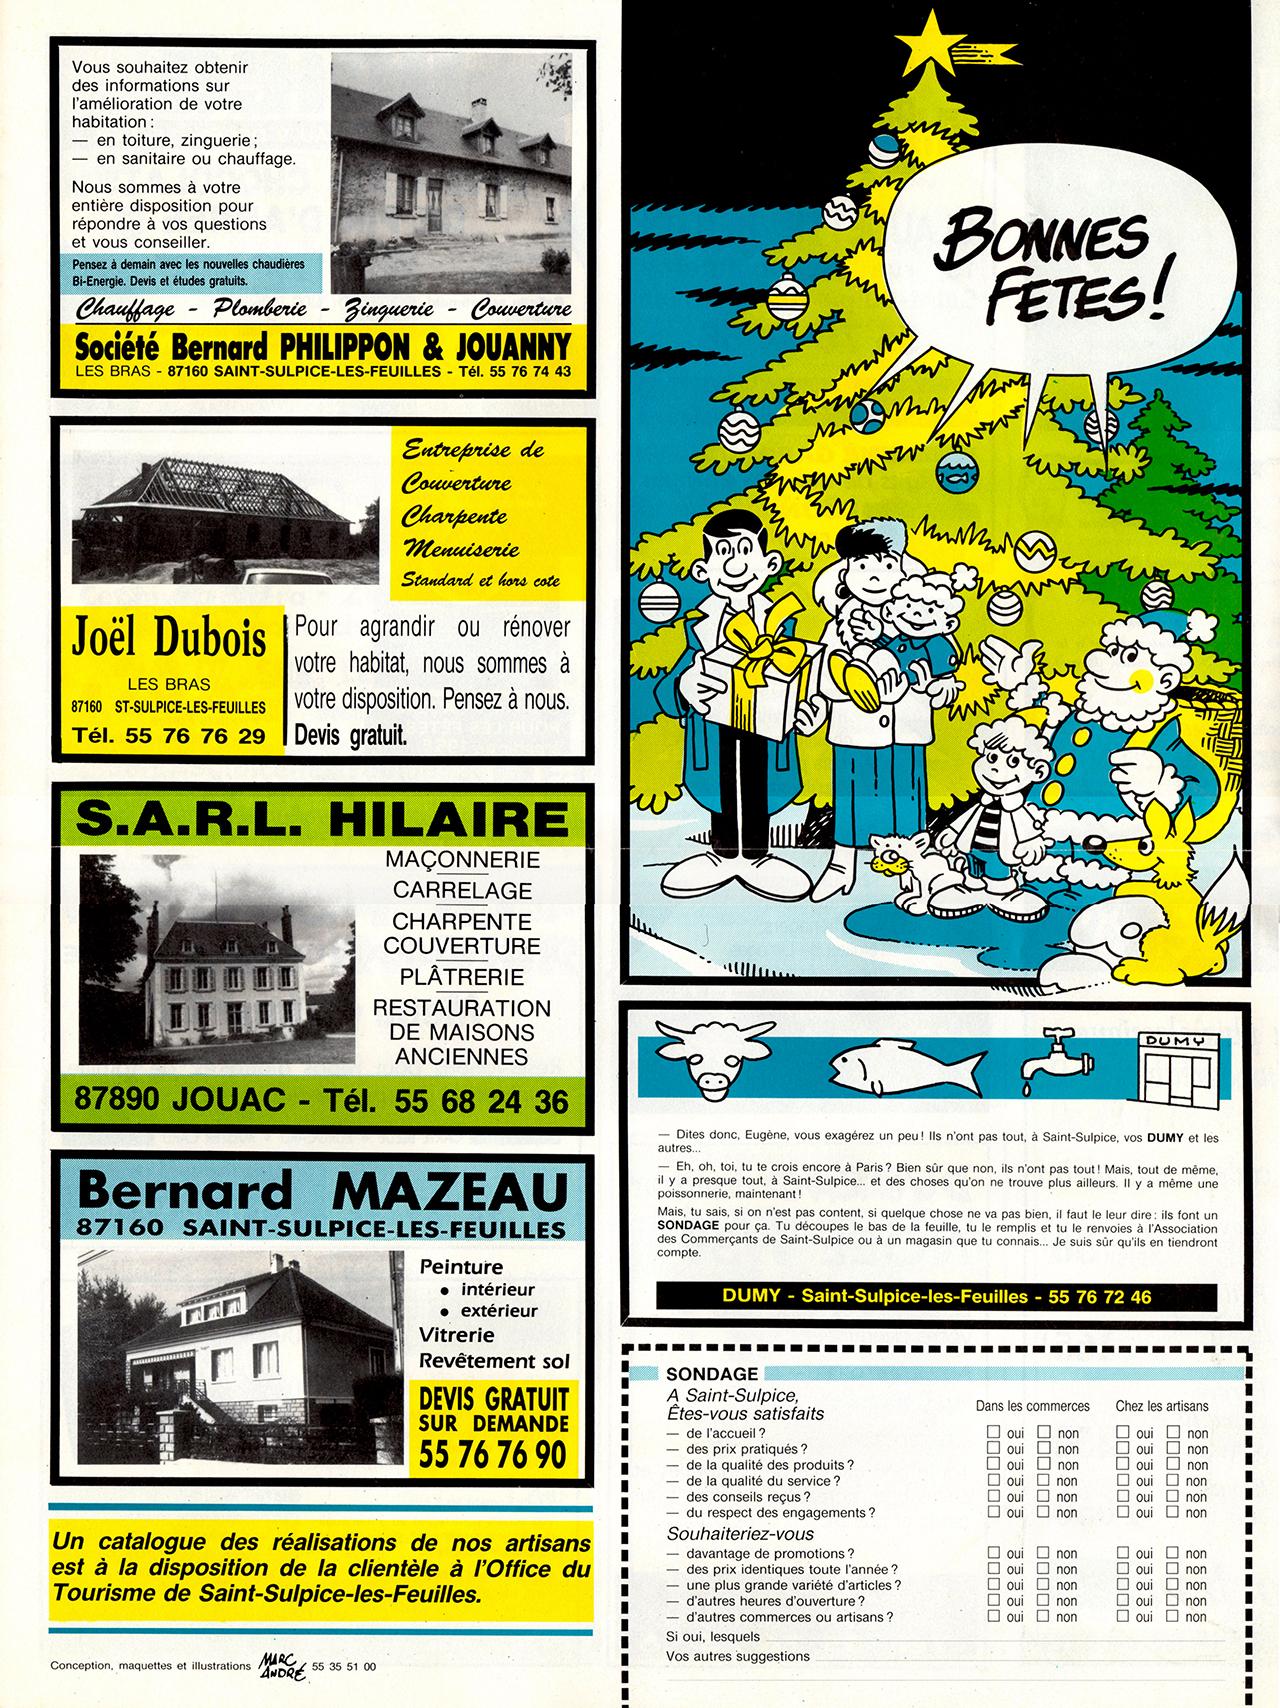 Gazette de Saint-Sulpice-Les-Feuilles-1989-95 numéro 2 Noel 1989